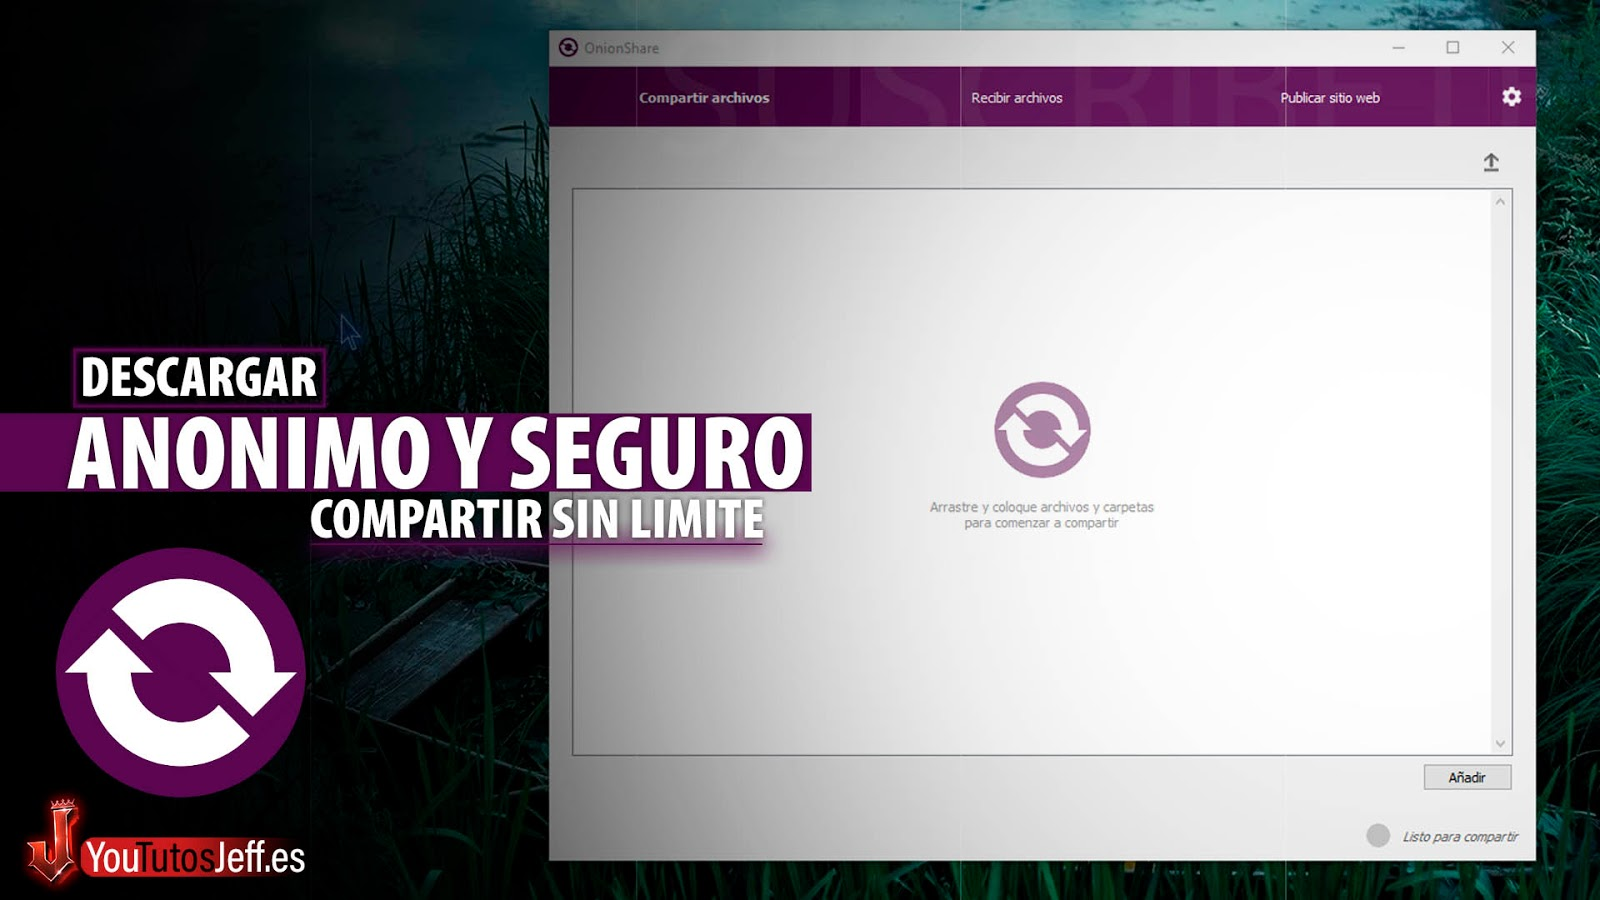 Compartir Archivos de Forma Anónima y Segura sin Limite de Tamaño, Descargar OnionShare para PC